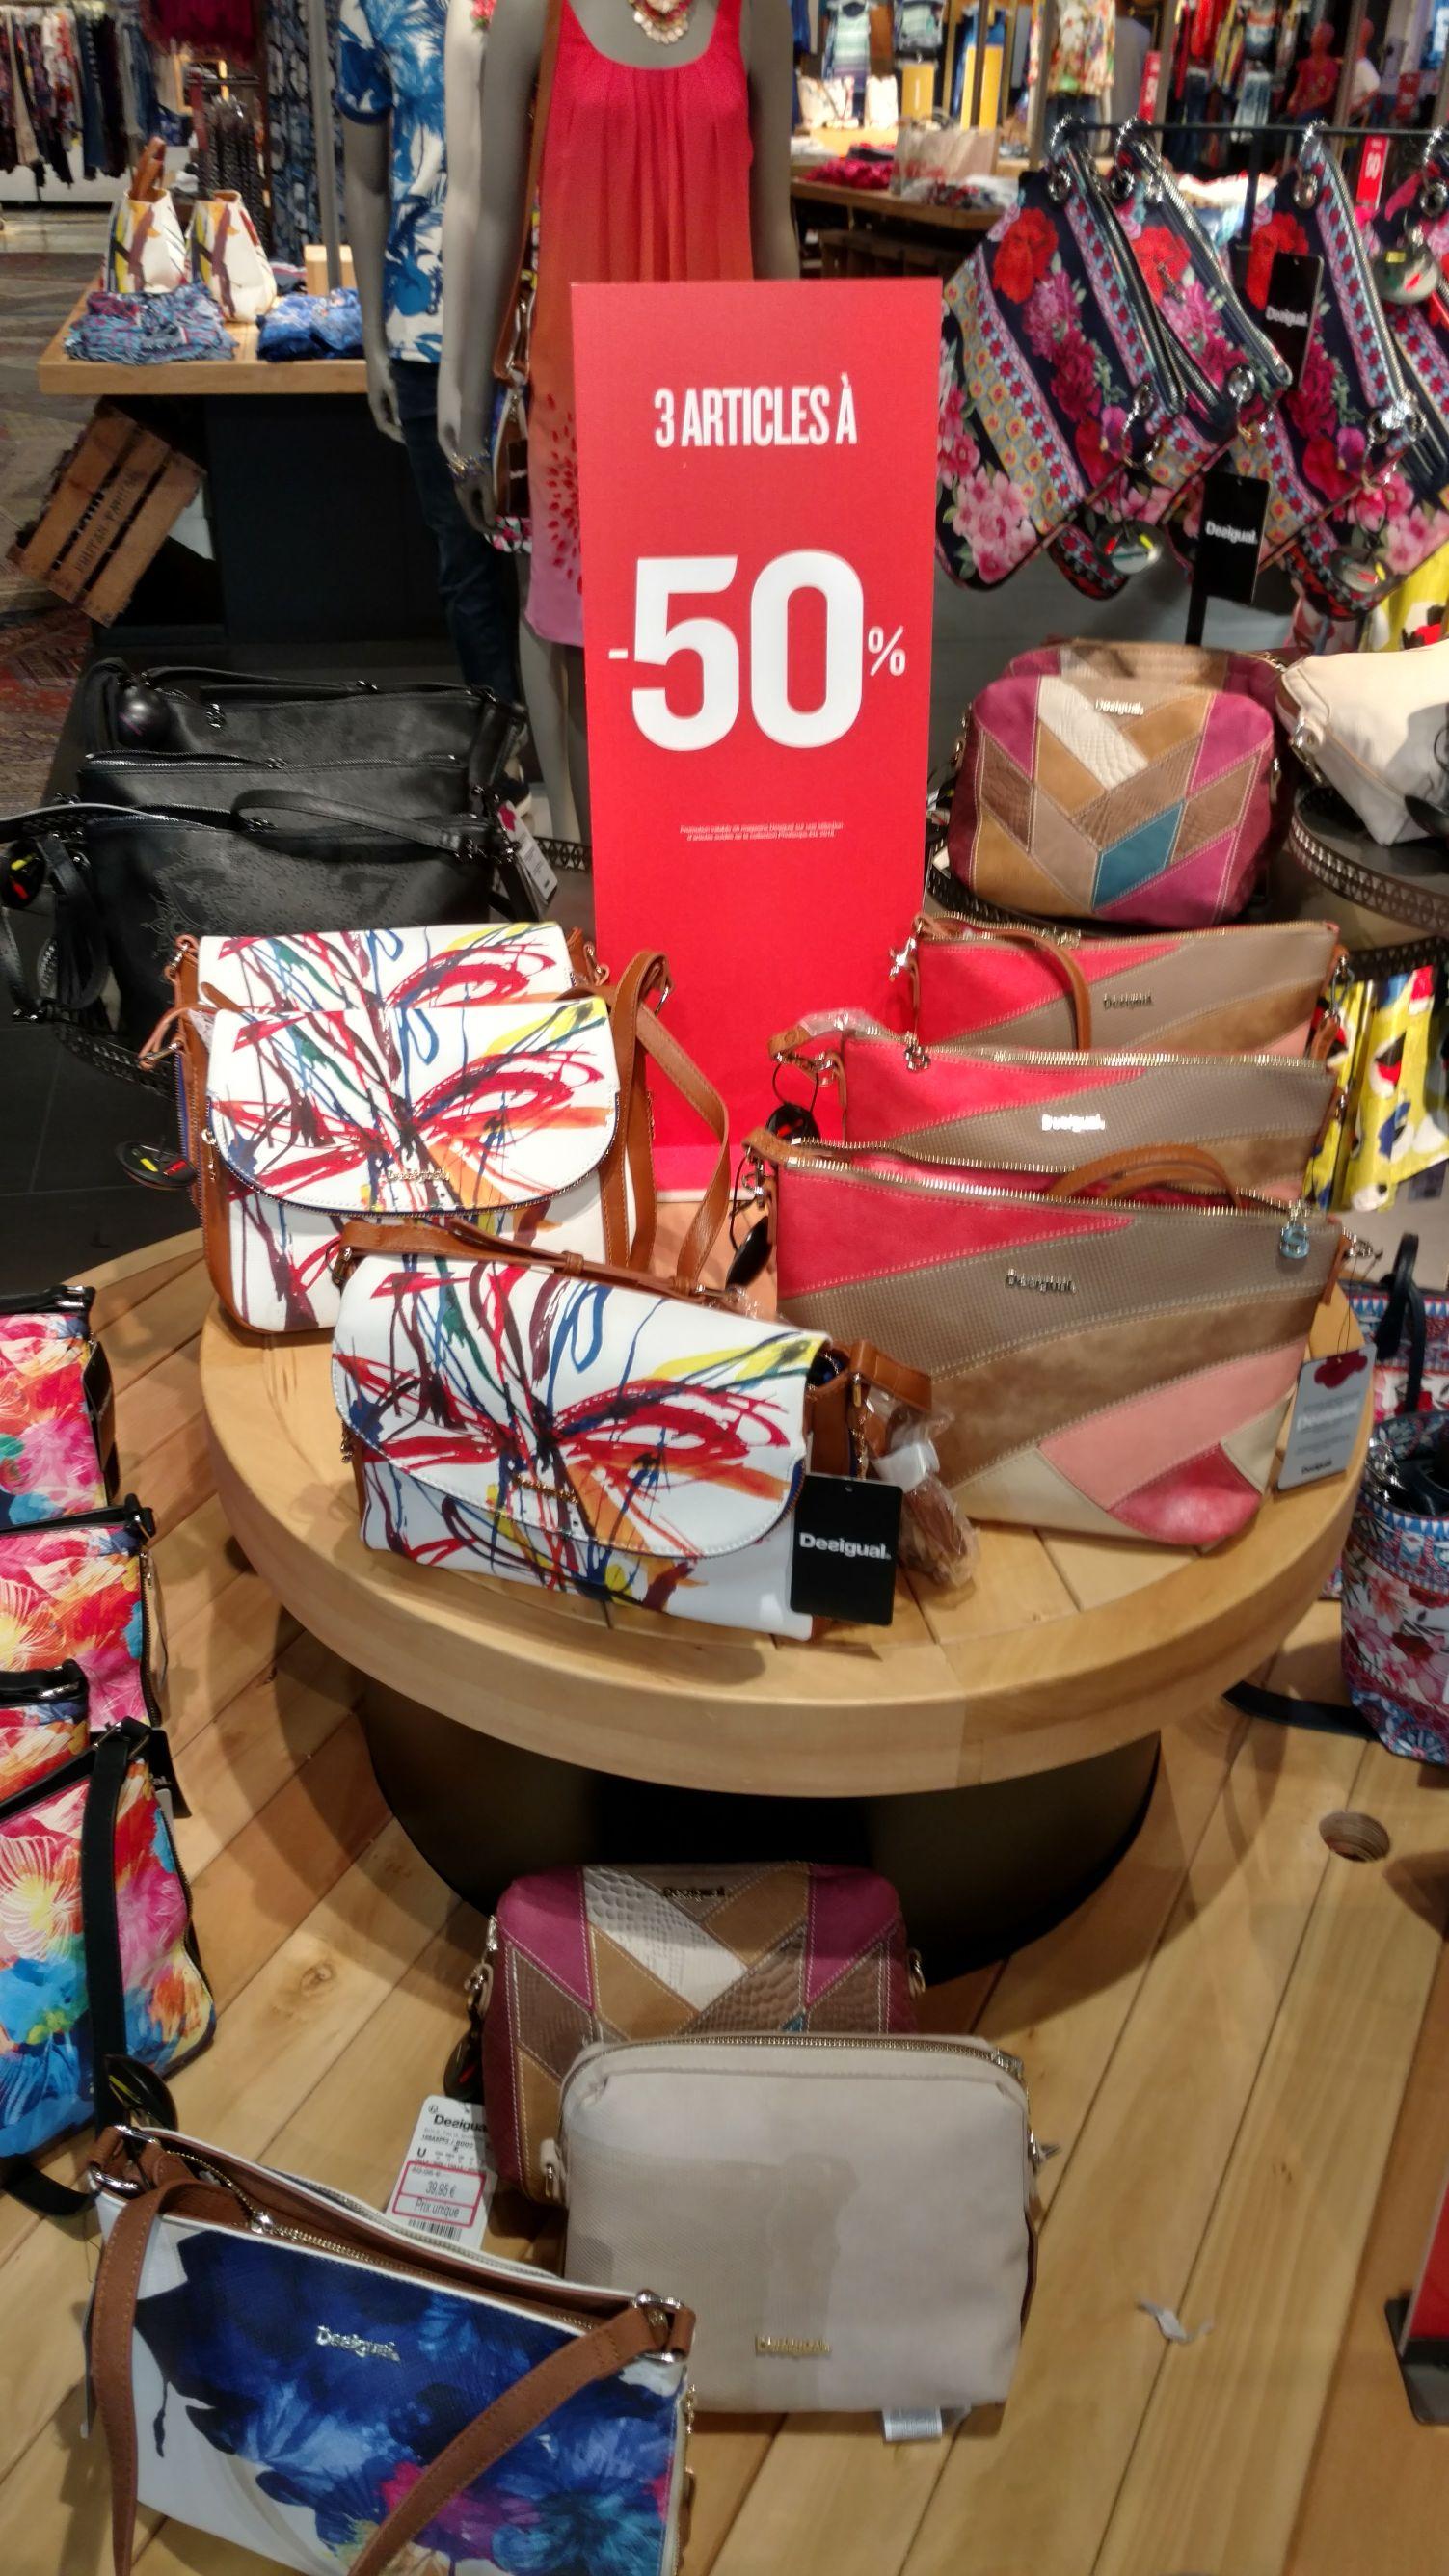 50% de réduction sur le total dès 3 articles soldés achetés - Commercial Beaulieu (44)